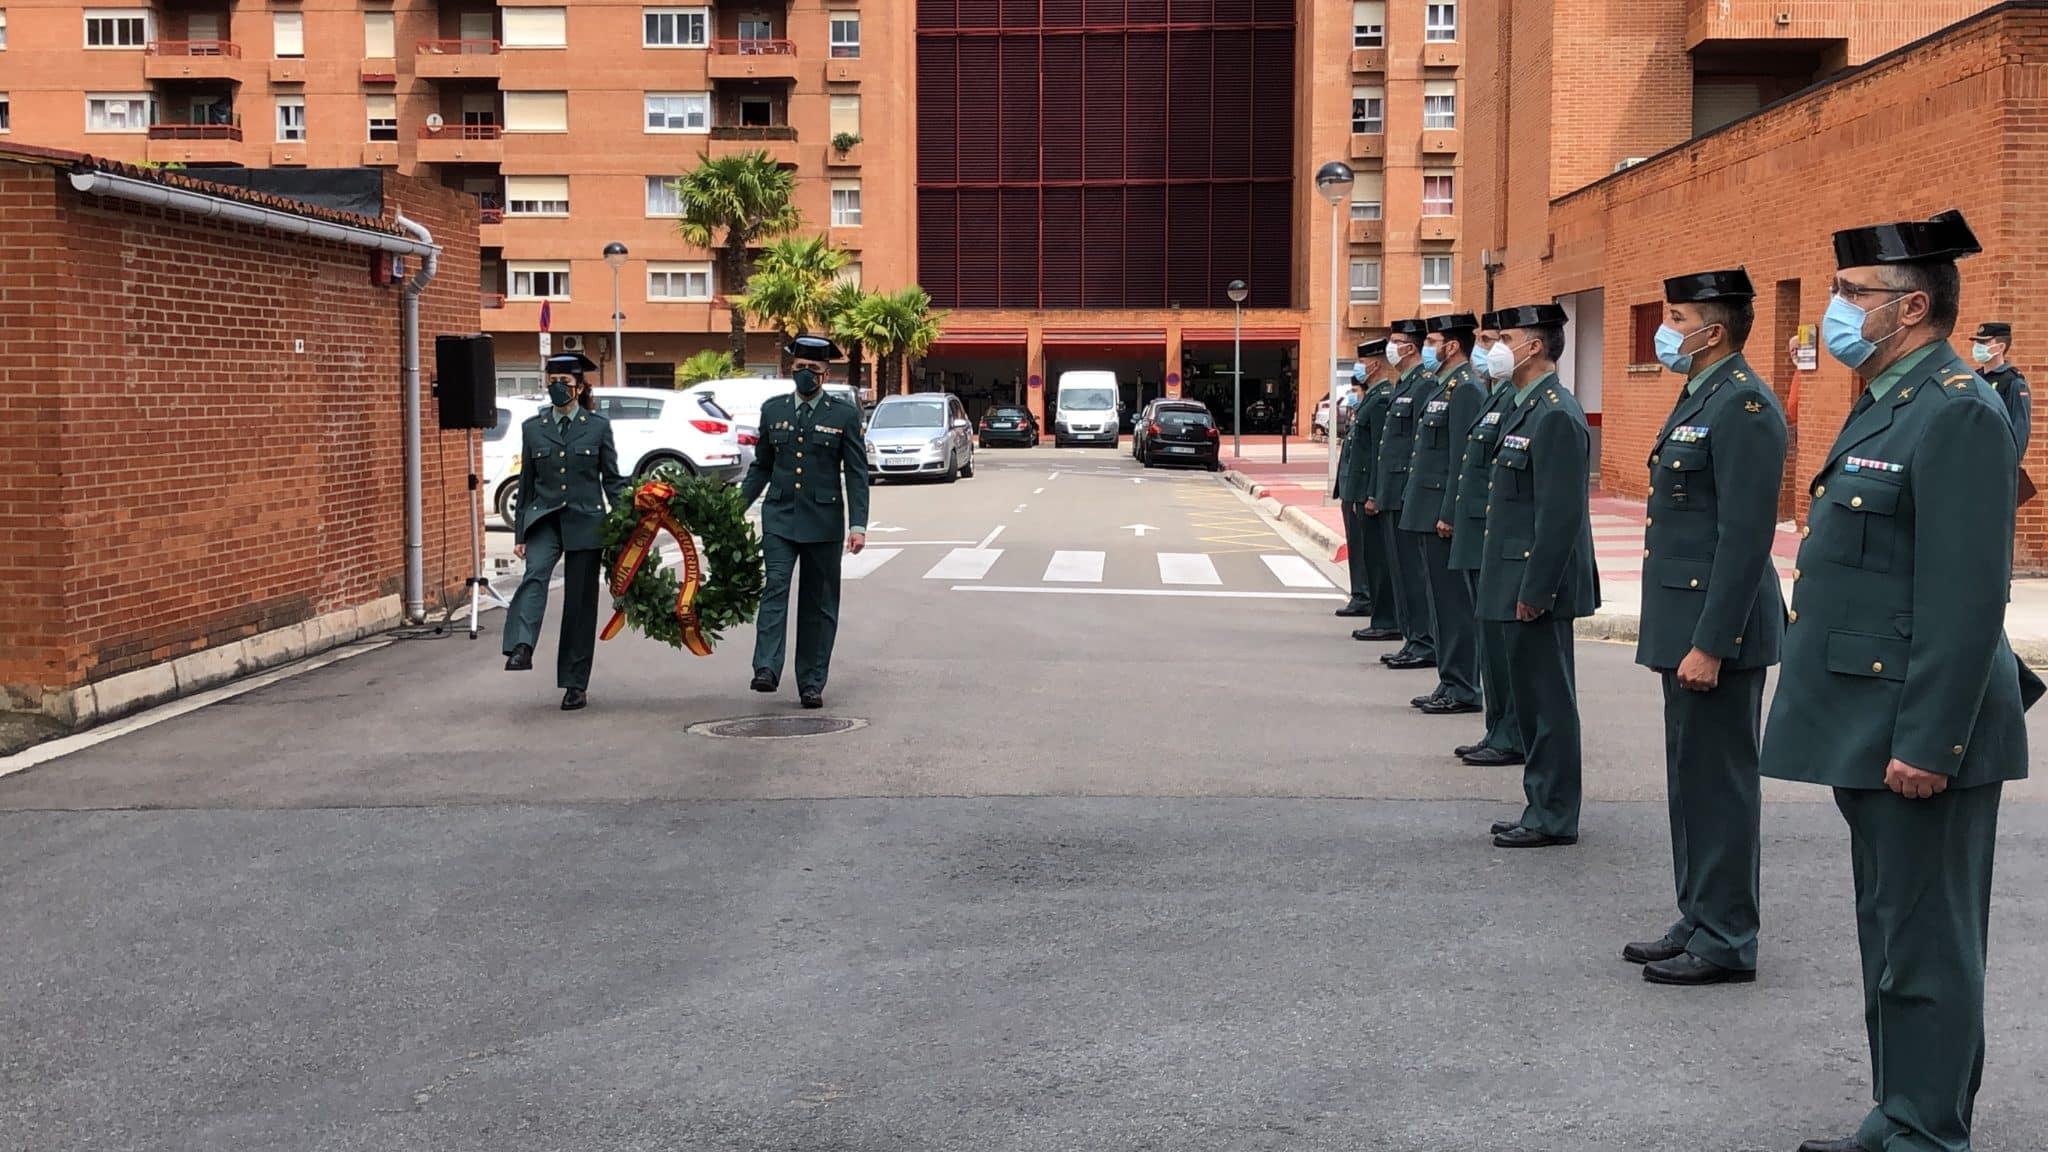 La Guardia Civil celebra en La Rioja de manera simbólica el 176º aniversario de su fundación 2